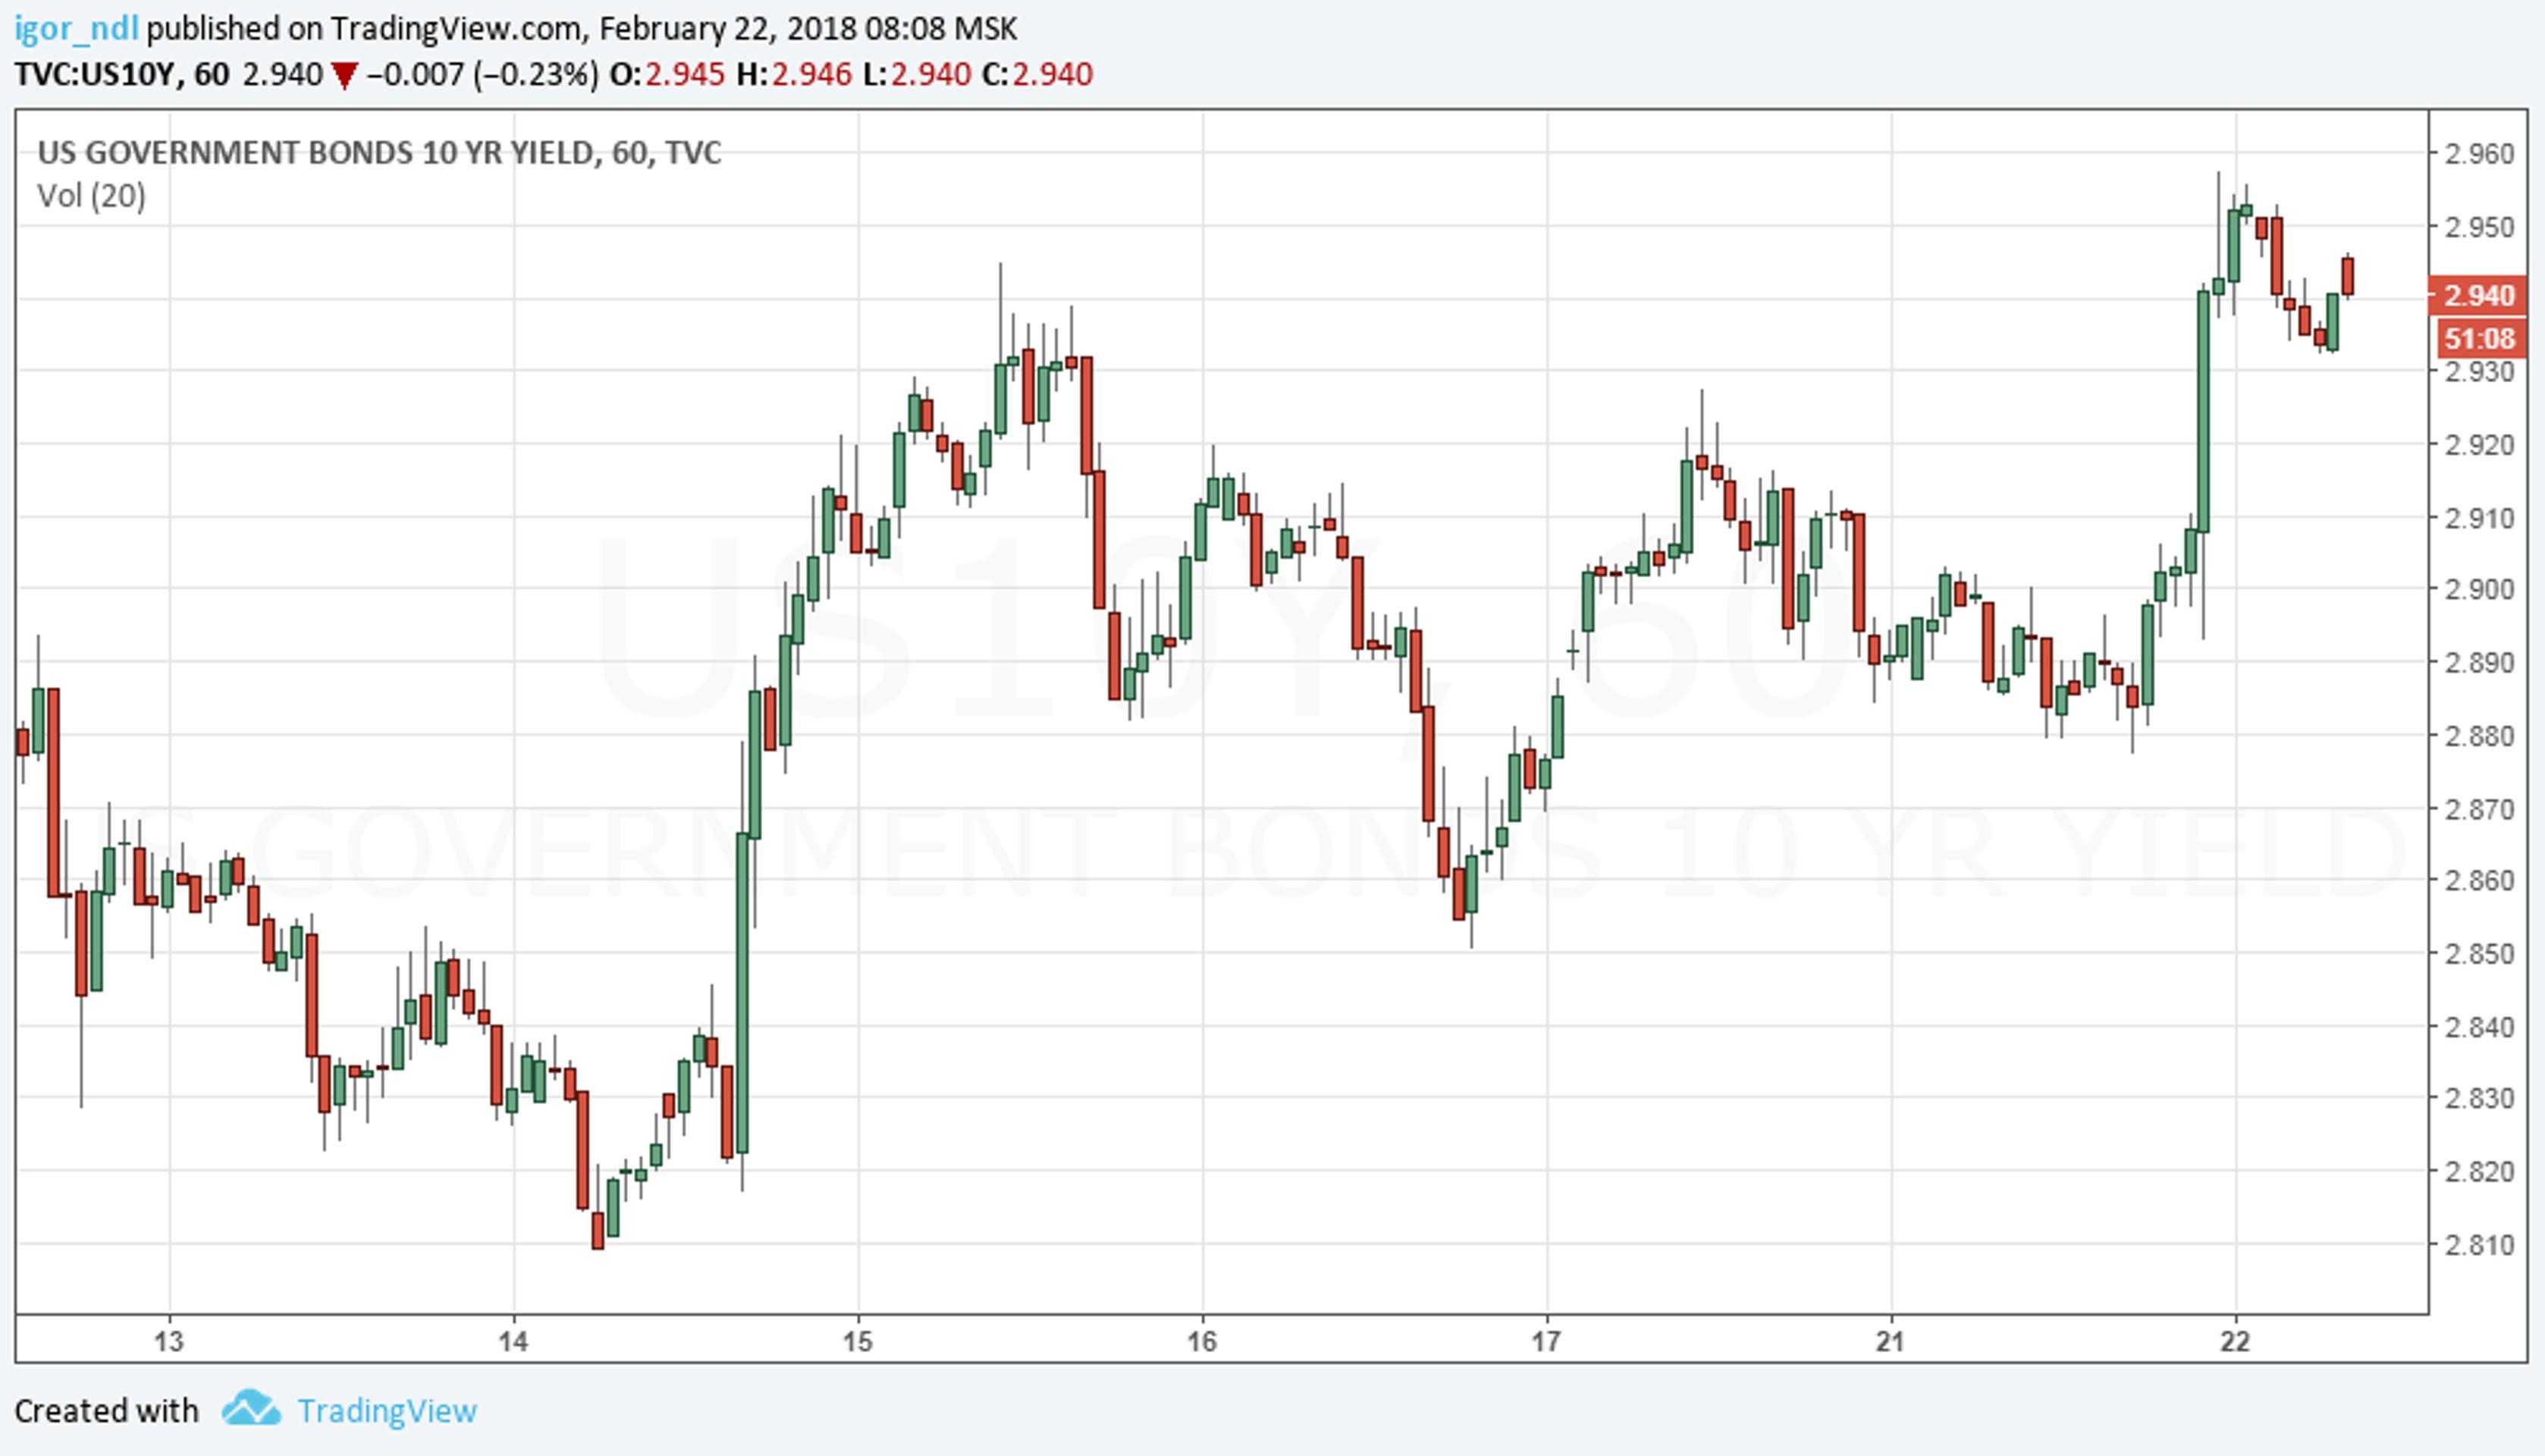 ФРС убедила инвесторов покупать доллар